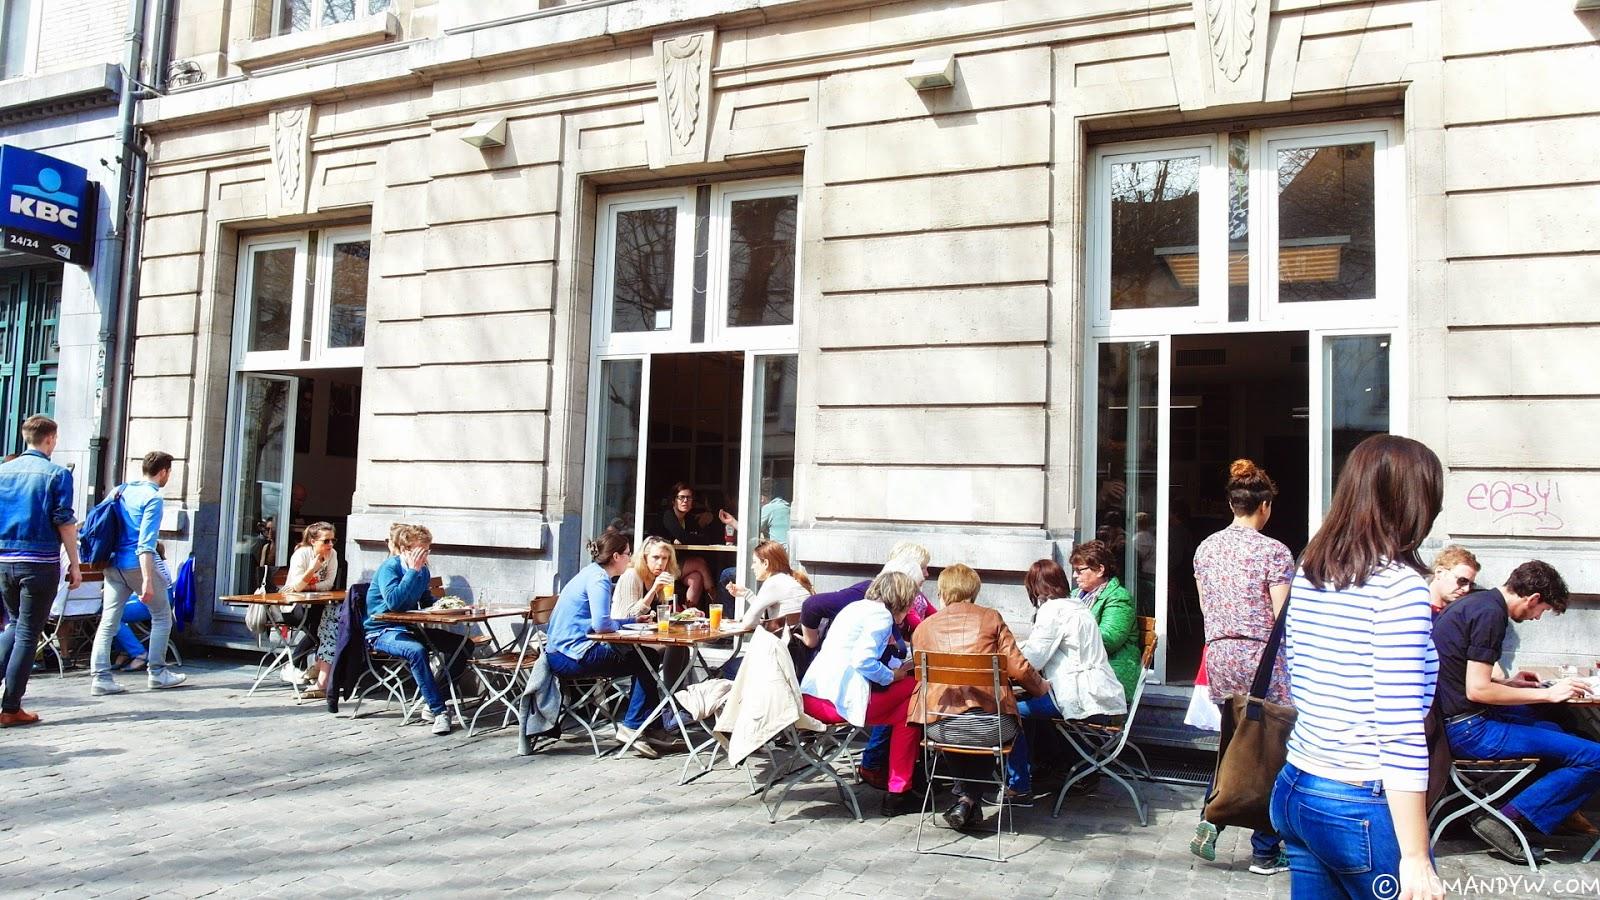 🇧🇪 比利時 | 布魯塞爾輕食早餐店 - Cafe de Markten